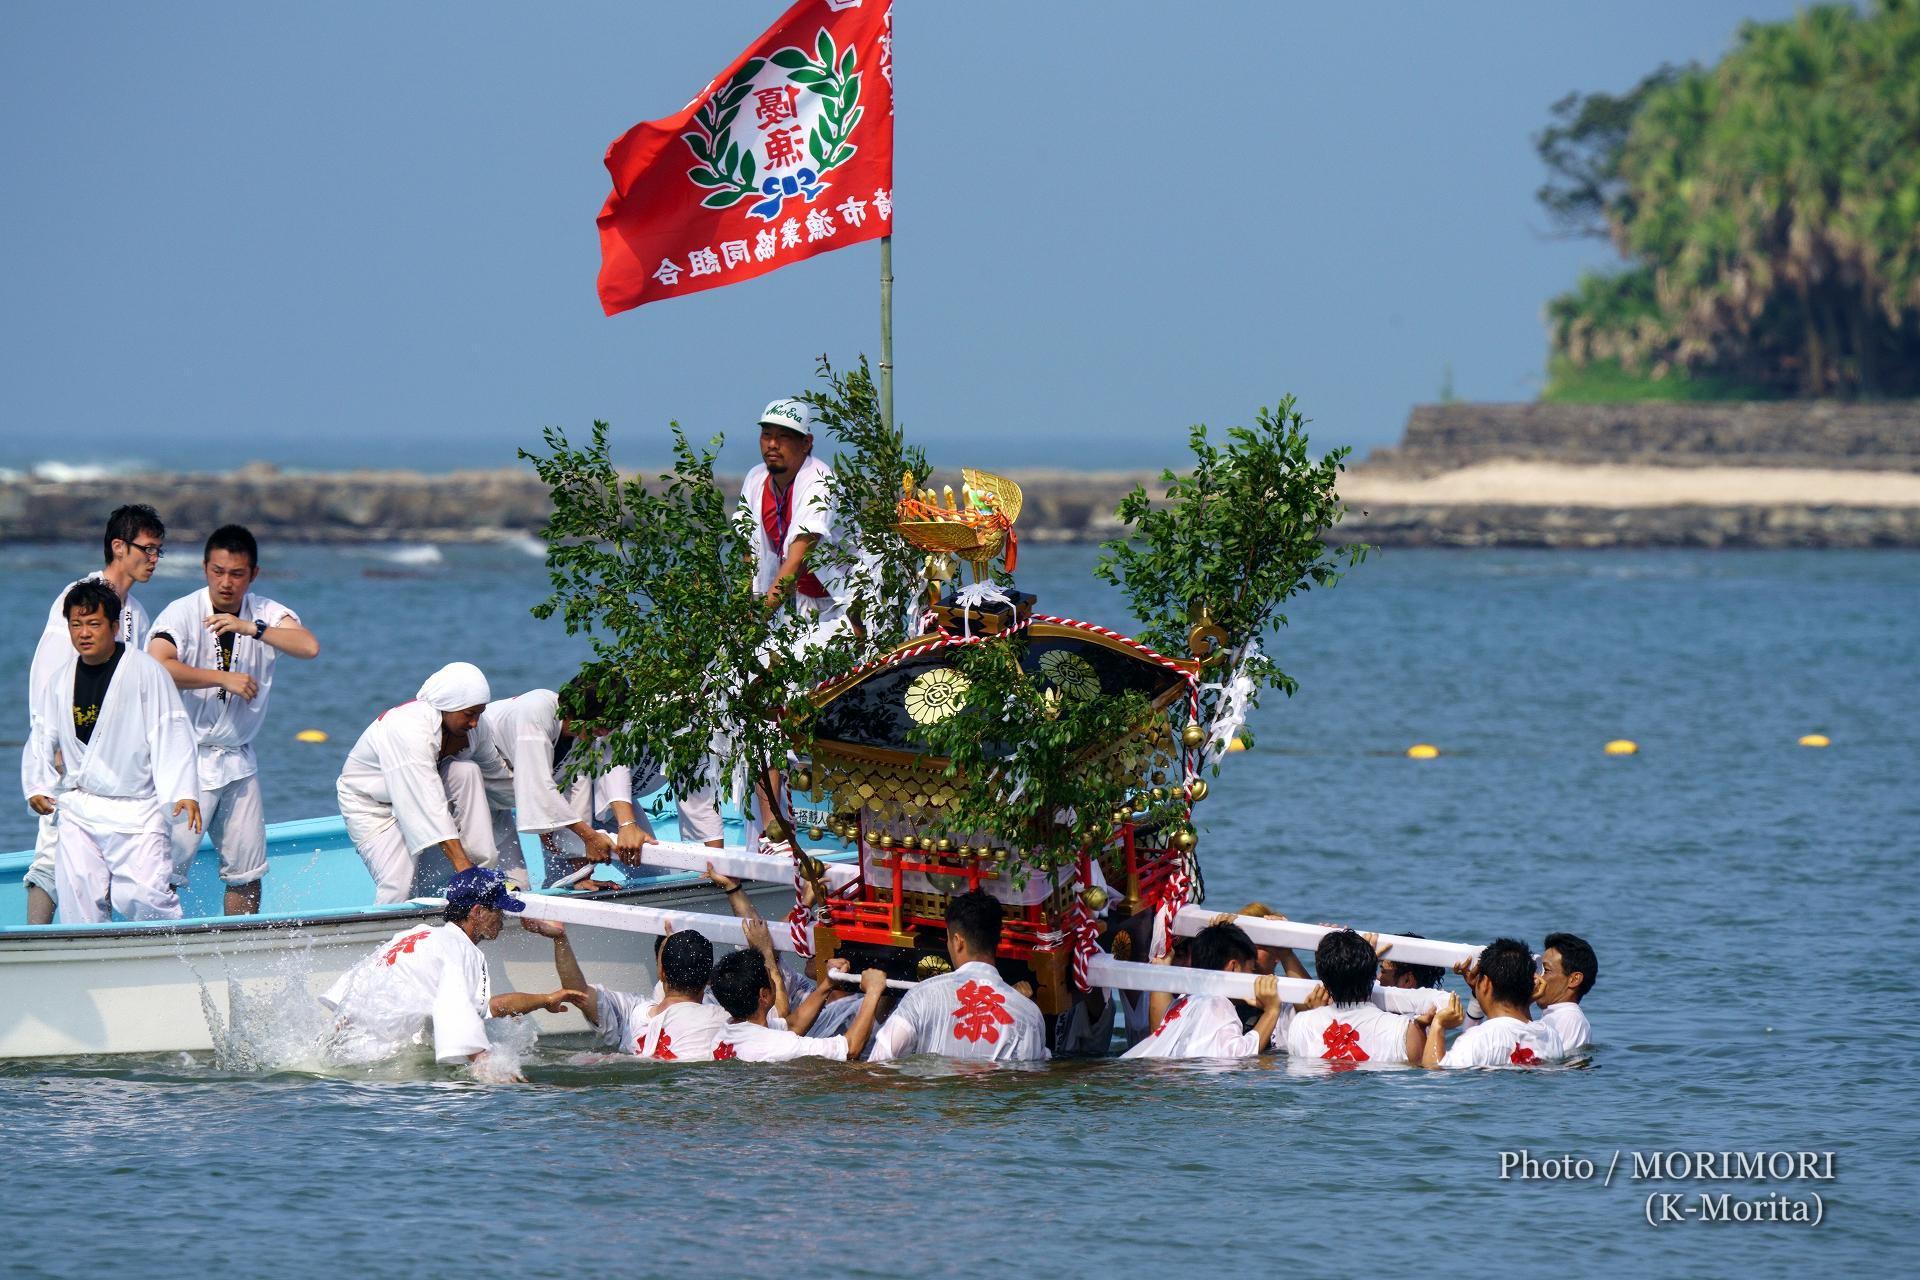 令和元年 2019年度 海を渡る祭礼 03